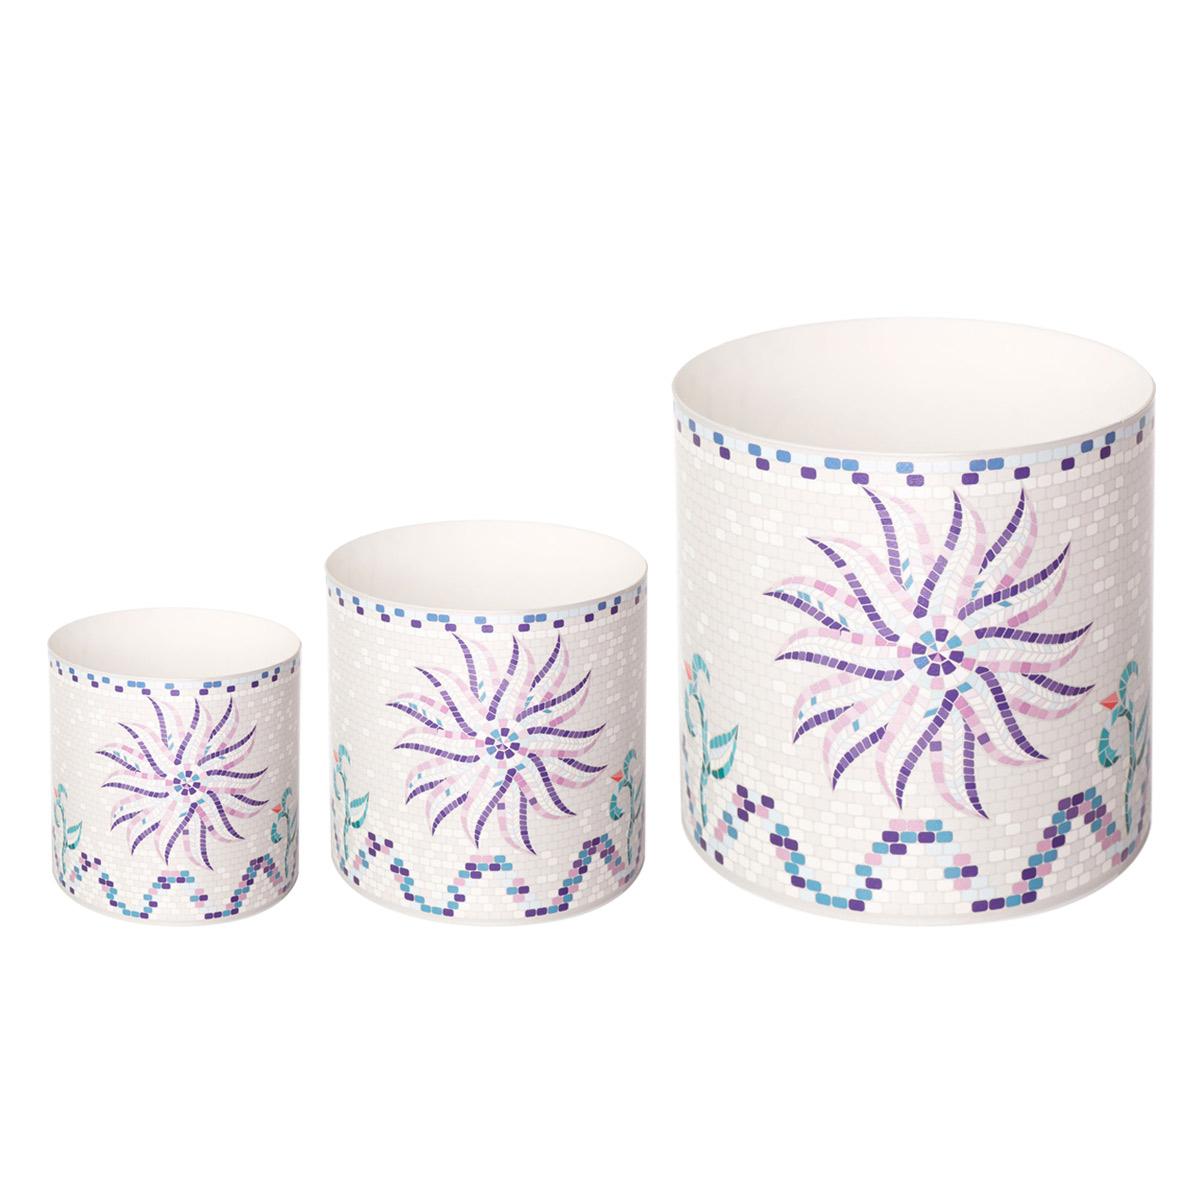 Набор горшков для цветов Miolla Мозаика белая, со скрытым поддоном, 3 предметаSMG-SET8Набор Miolla Мозаика белая состоит из 3 горшков со скрытыми поддонами. Горшкивыполнены из пластика. Изделия предназначены для цветов. Изделия оснащены специальными скрытыми поддонами.Объем горшков: 1 л, 1,7 л, 5,1 л.